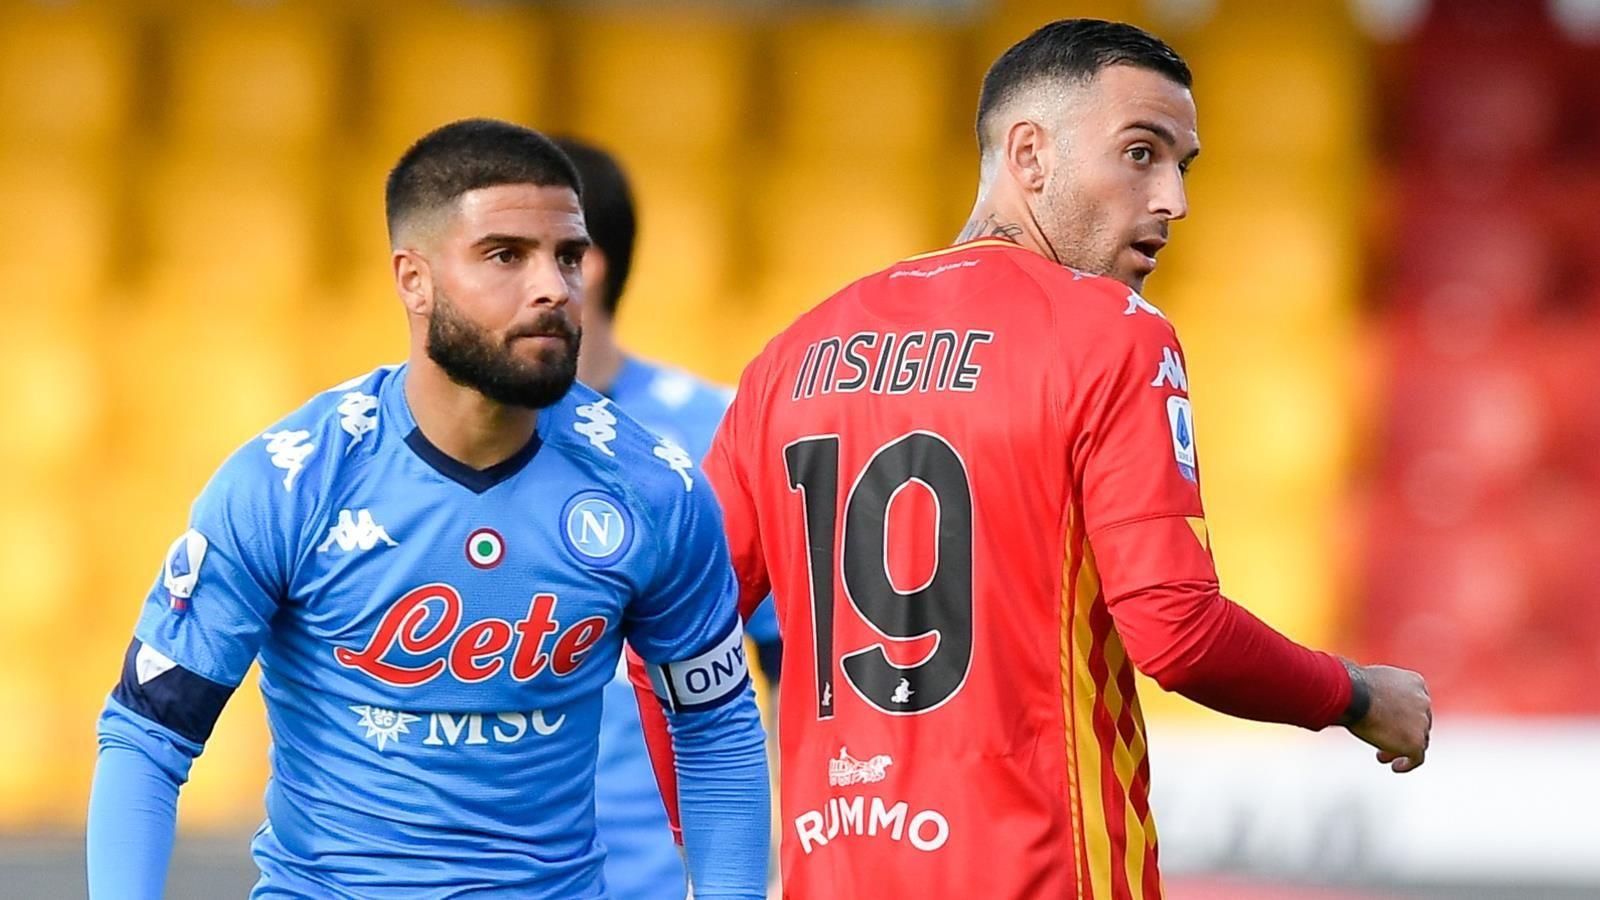 موعد مباراة سبيزيا ونابولي ضمن مواجهات الجوله 35 من الدوري الايطالي